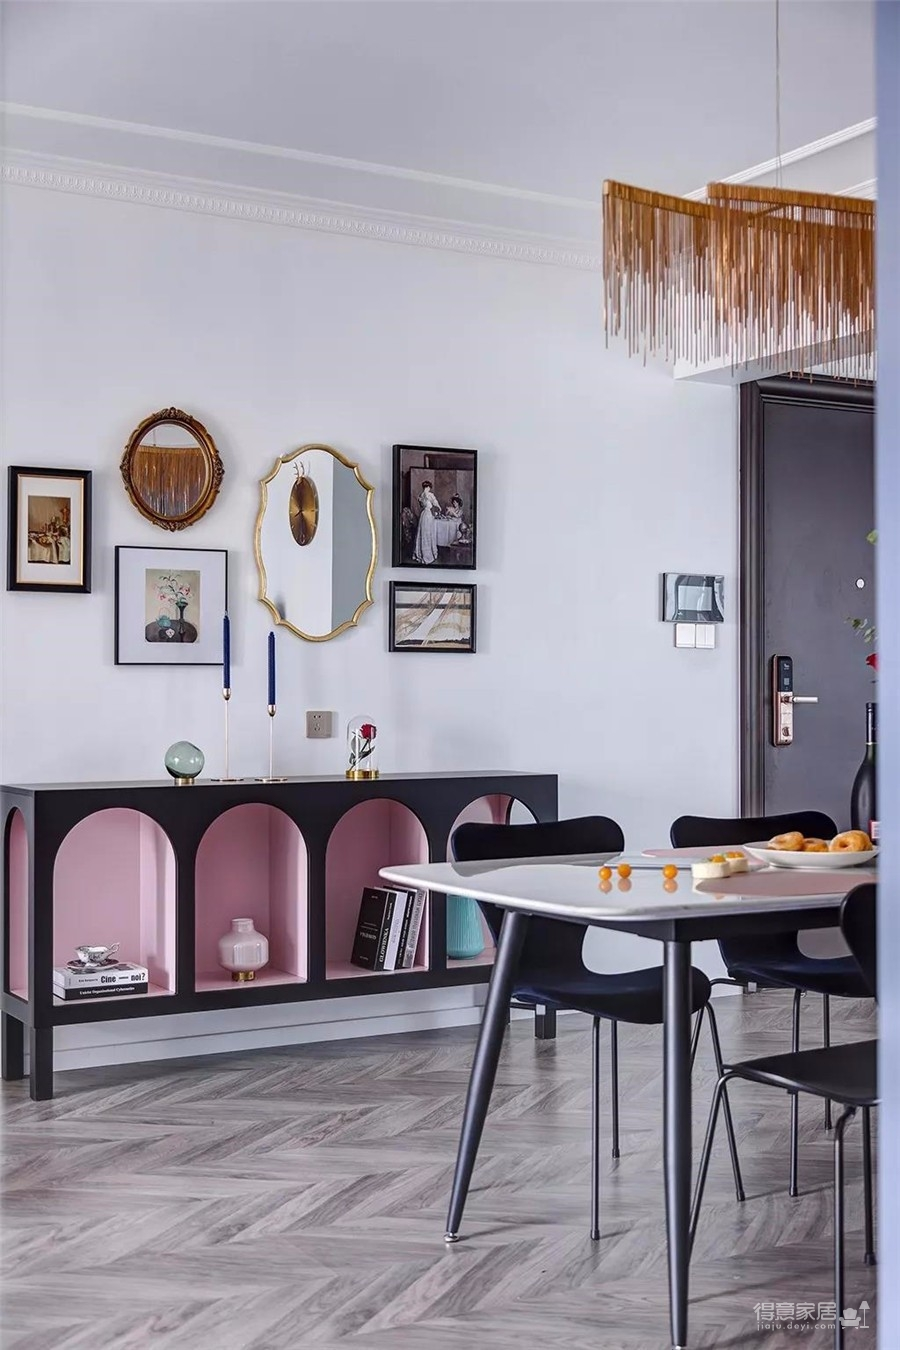 设计上去繁从简,注重功能性。整体以灰蓝色为主色,宁静柔和,选择了形体硬朗、款式新颖的家具,具有独特艺术特点的软装饰品,从细节中体会质感生活带来的舒心温暖。